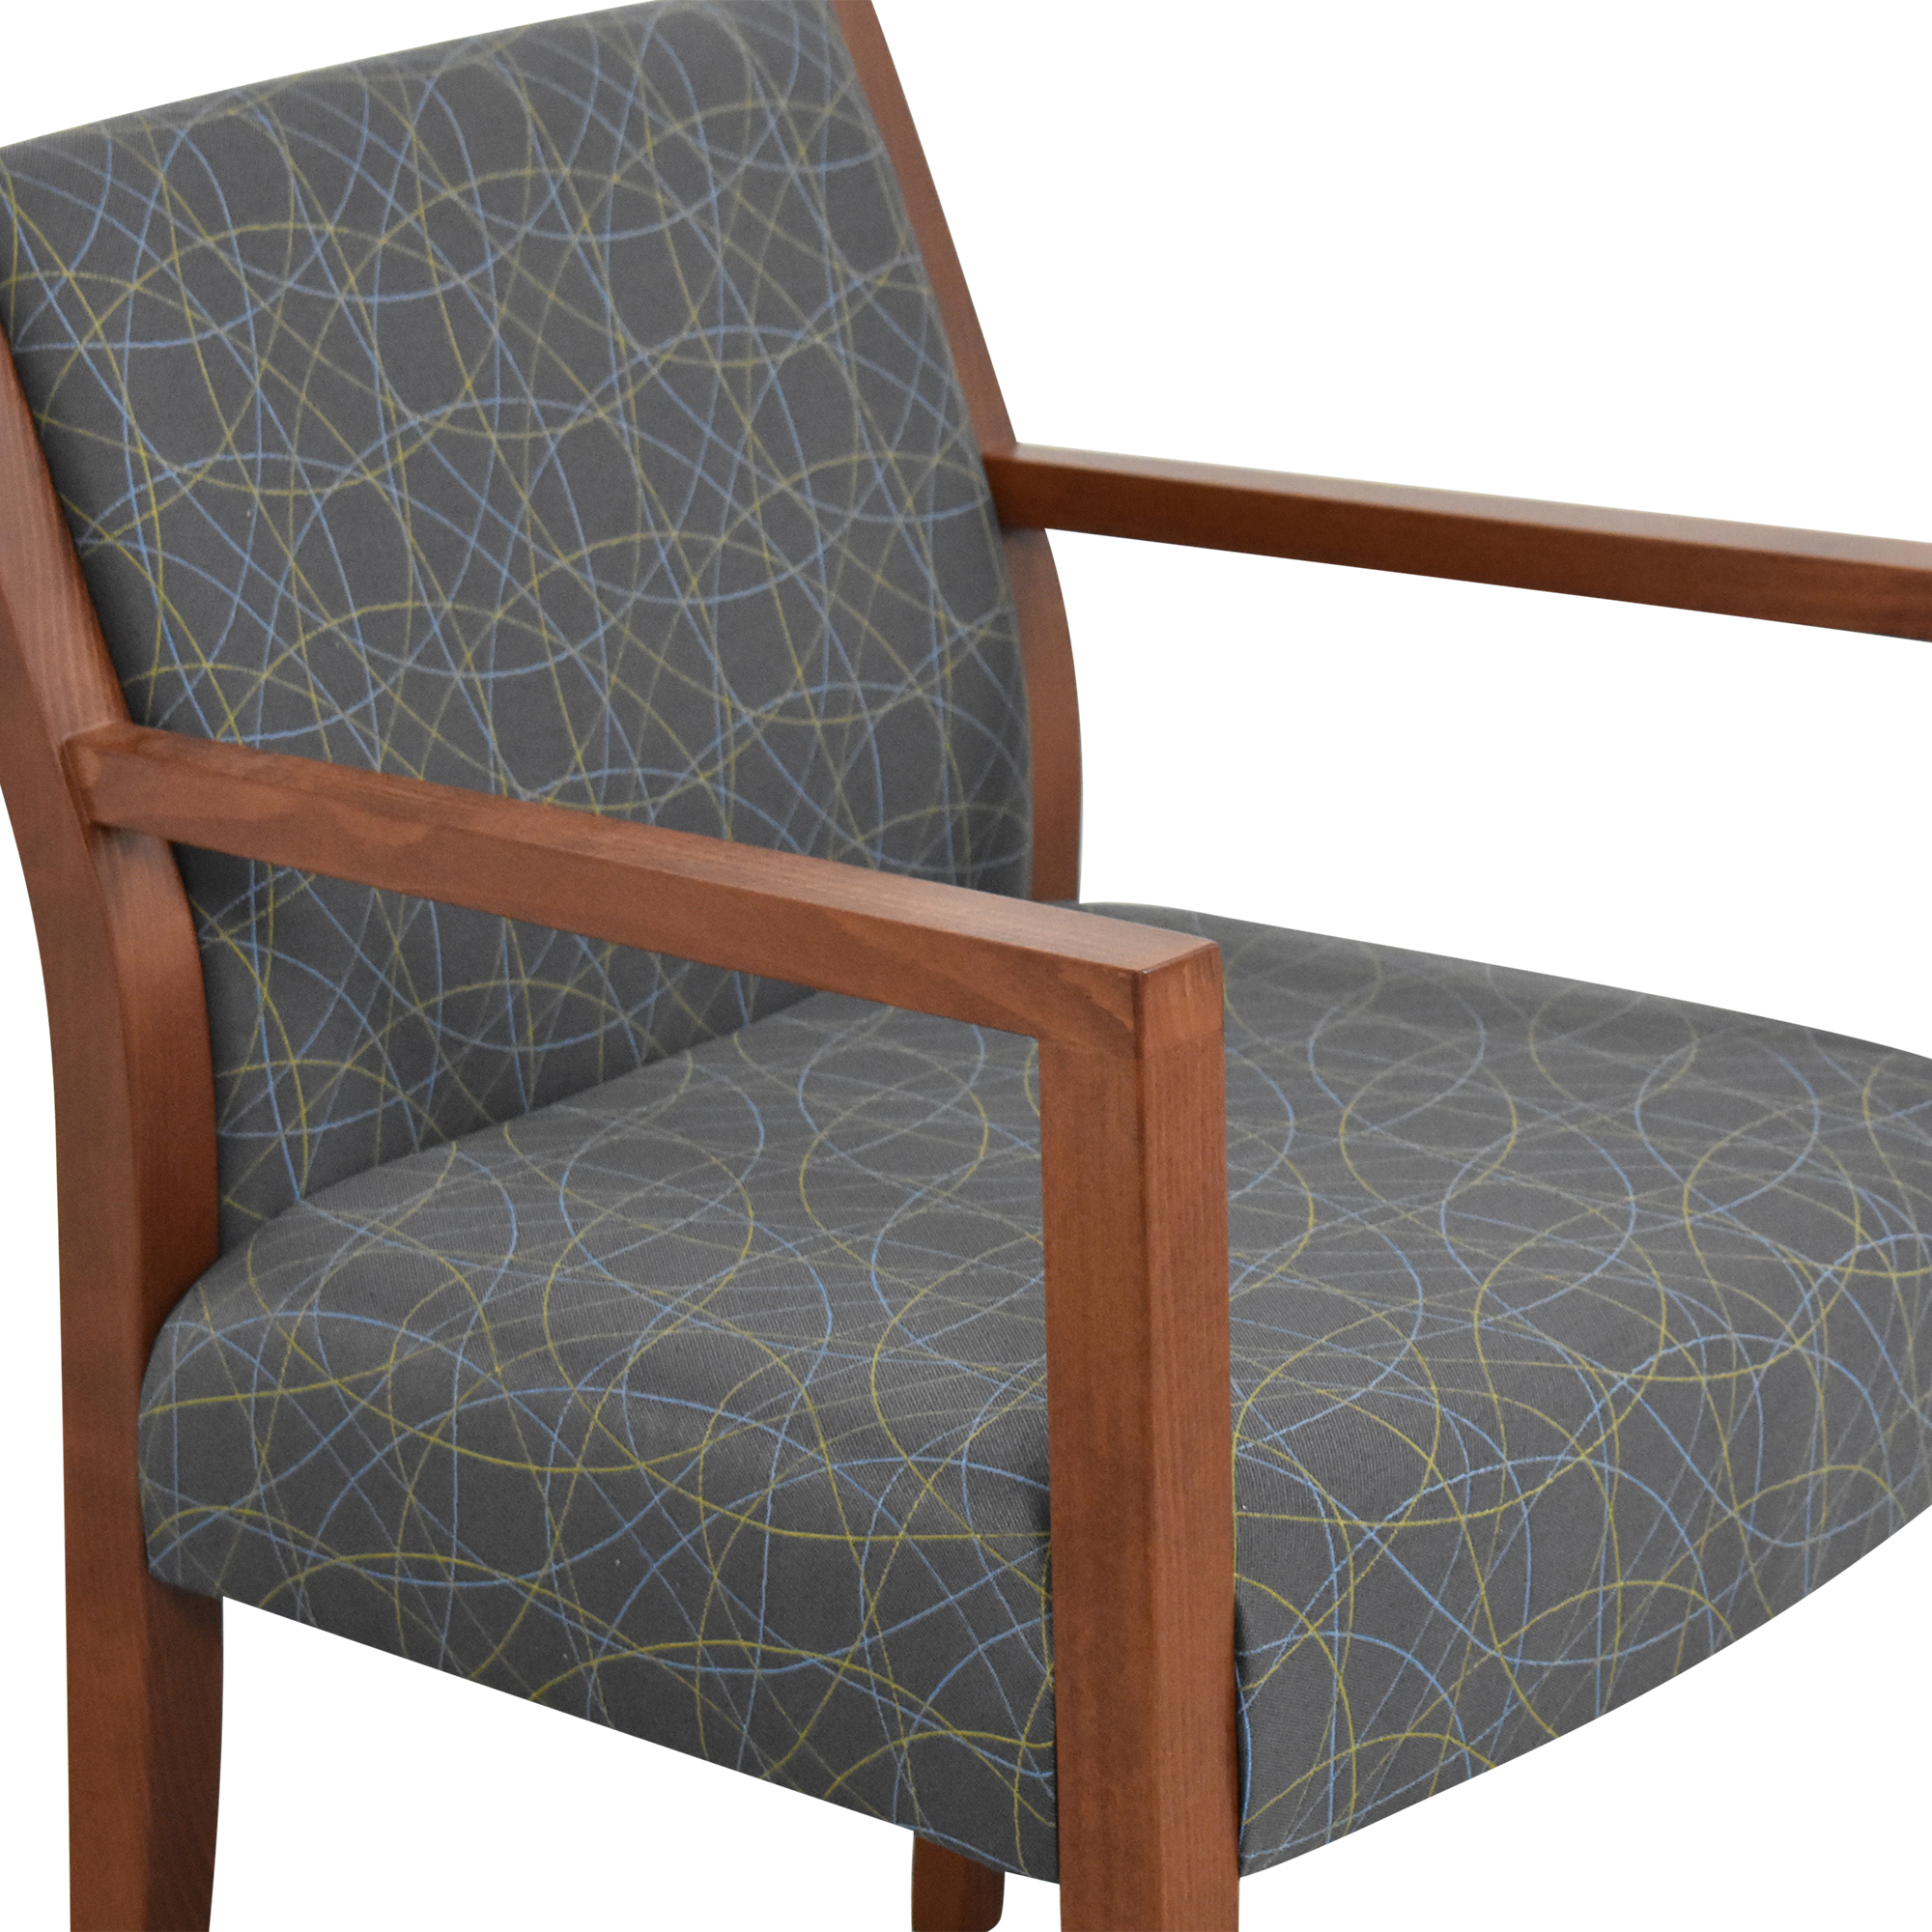 Global Furniture Group Global Furniture Group Layne Chair  multi